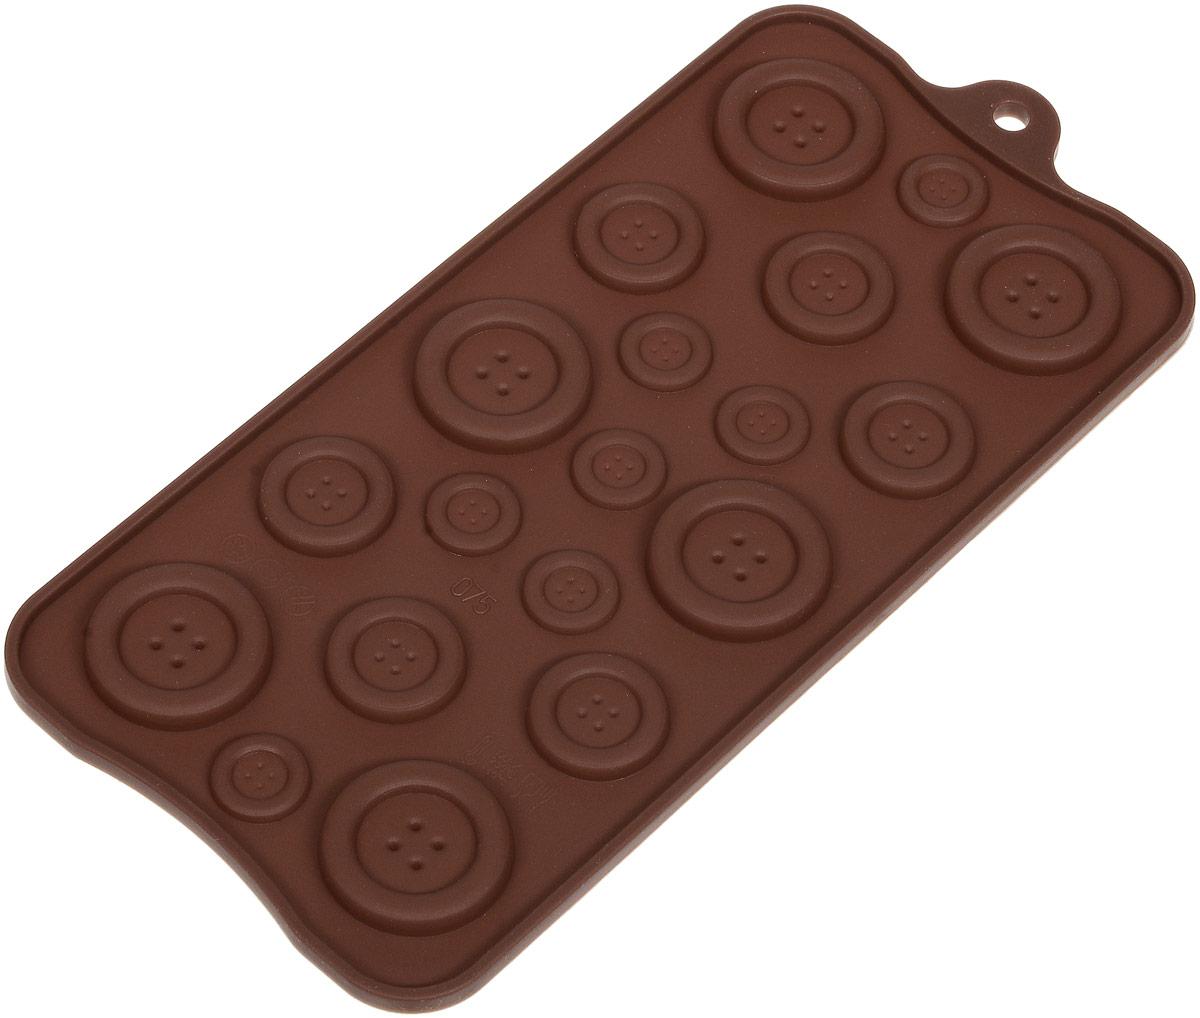 Форма для льда и шоколада Доляна Пуговки, 19 ячеек, 22 х 10,5 см1210652Силикон не теряет эластичности при отрицательных температурах (до - 40?С), поэтому, готовые льдинки легко достаются из формы и не крошатся. Лед получается идеальной формы. С силиконовыми формами для льда легко фантазировать и придумывать новые рецепты. В формах можно заморозить сок или приготовить мини порции мороженого, желе, шоколада или другого десерта. Особенно эффектно выглядят льдинки с замороженными внутри ягодами или дольками фруктов. Заморозив настой из трав, можно использовать его в косметологических целях.